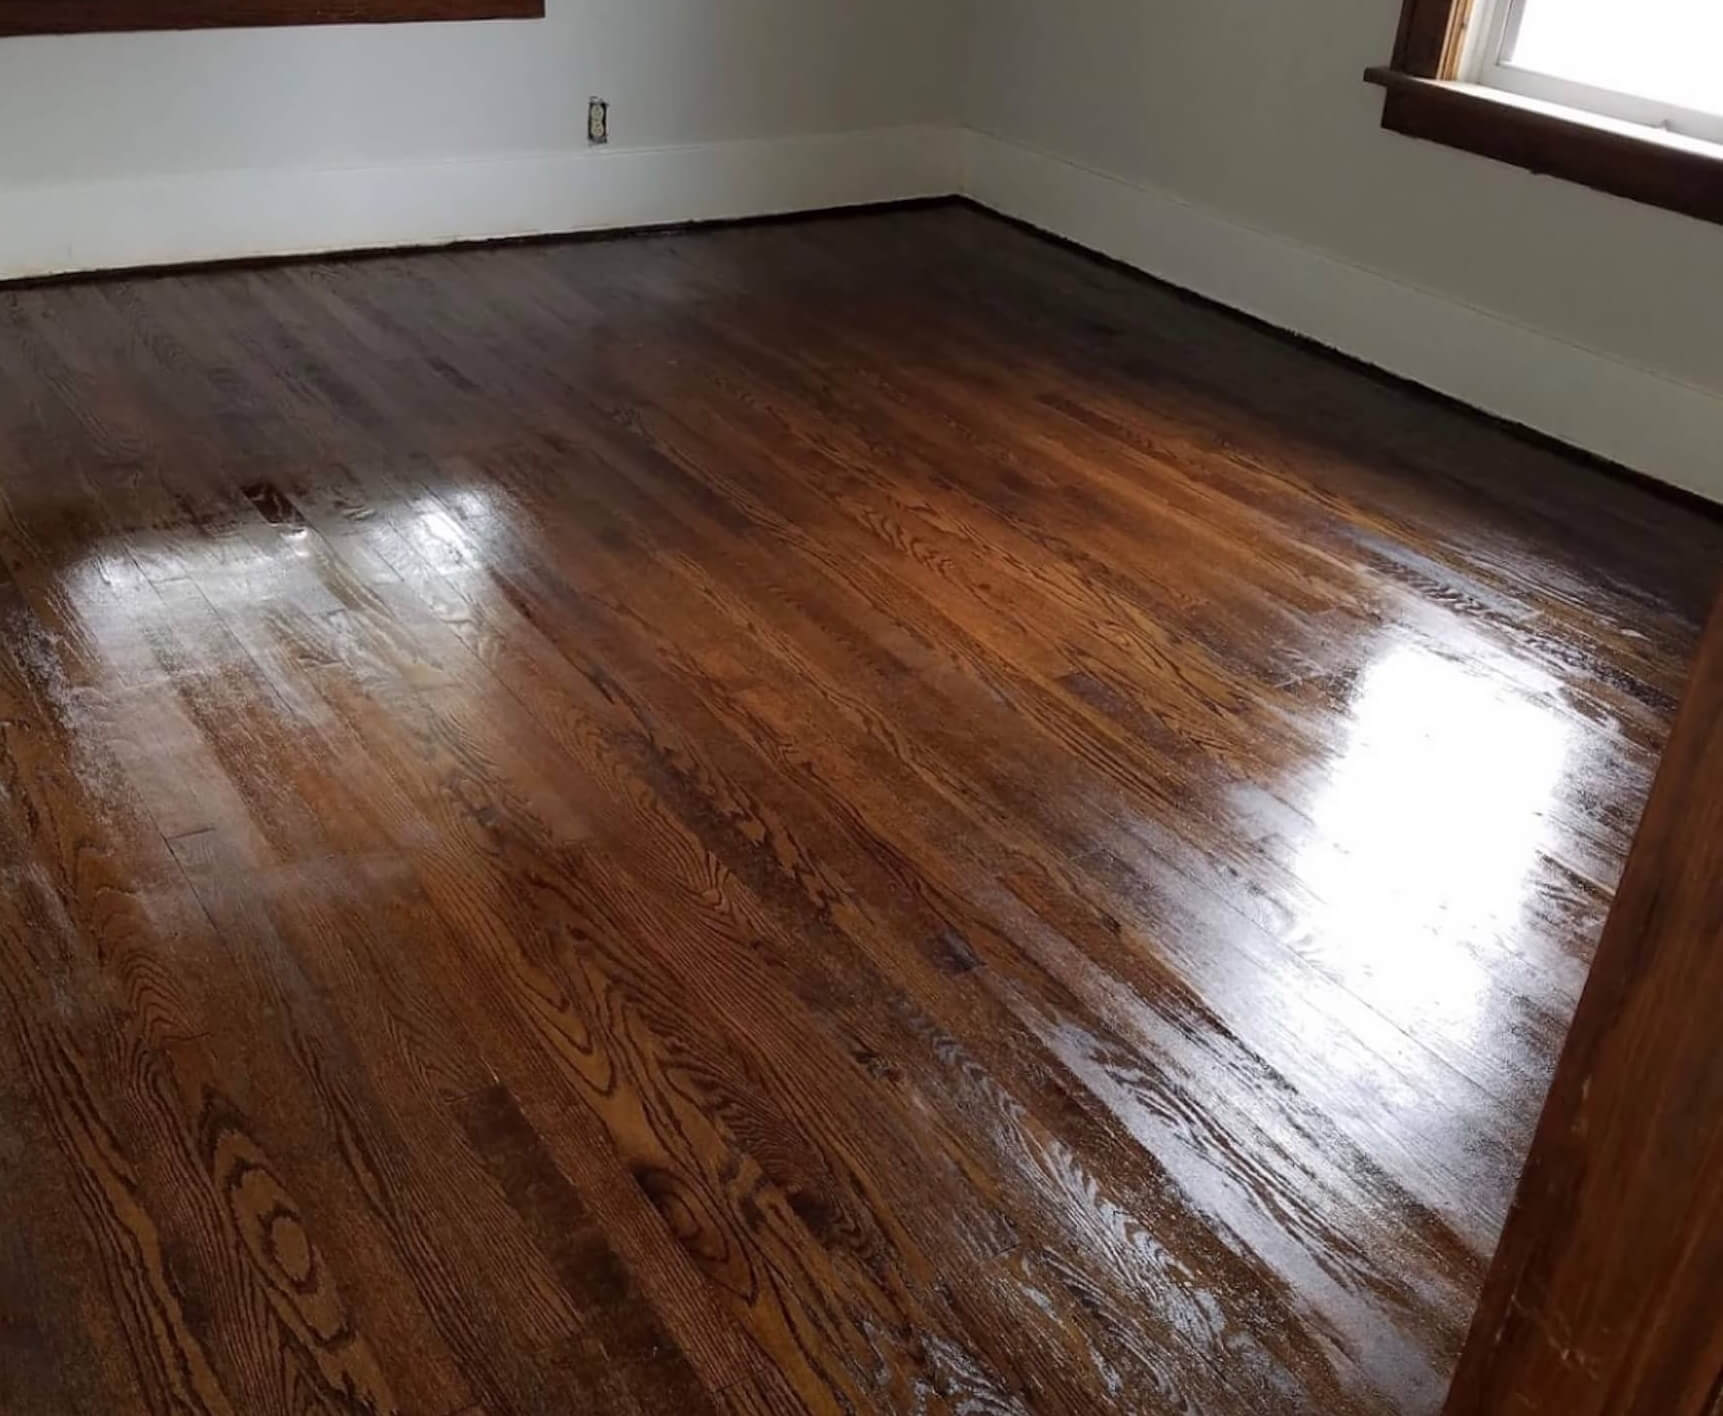 Hardwood floor refinishing services in West Mifflin, PA